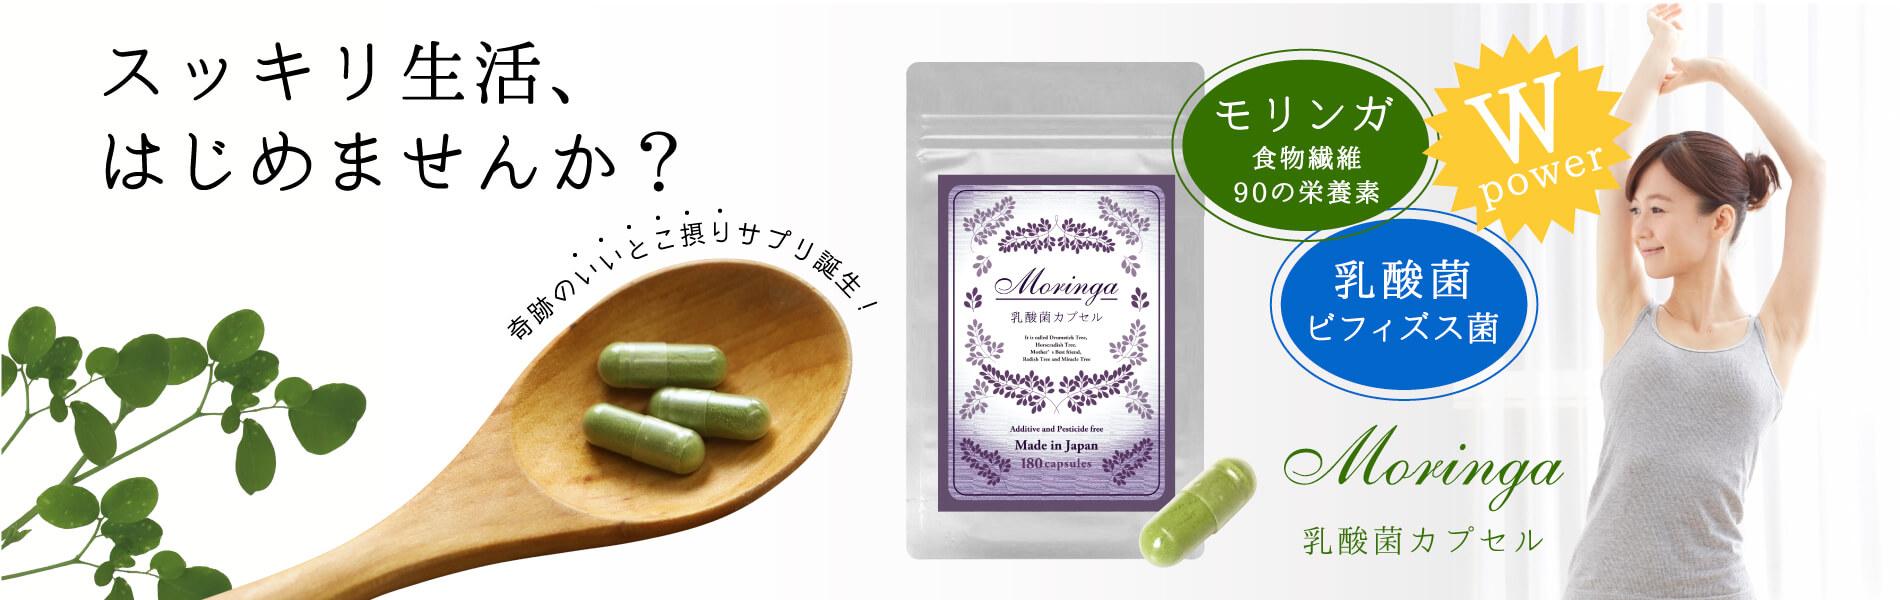 イープ|モリンガ乳酸菌カプセル